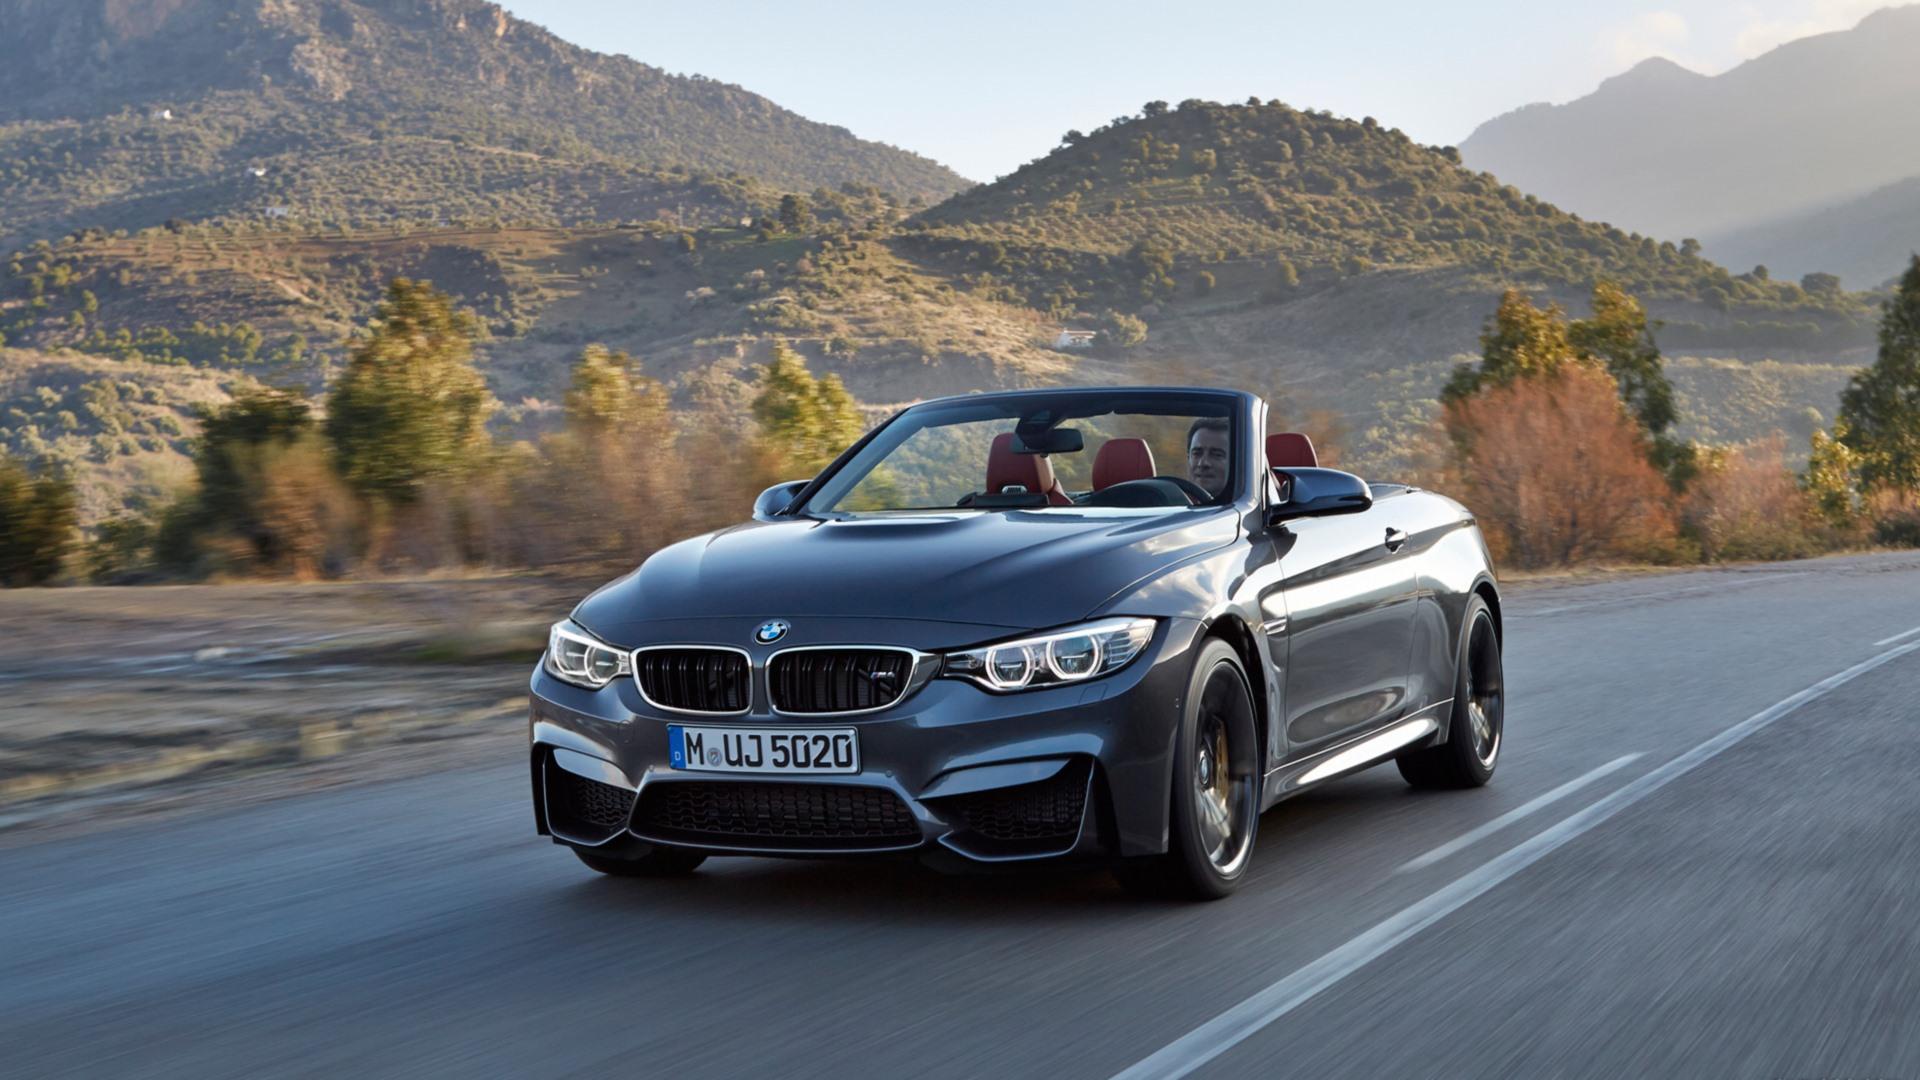 2015 BMW M4 Cabrio Full HD Bakgrund and Bakgrund ...